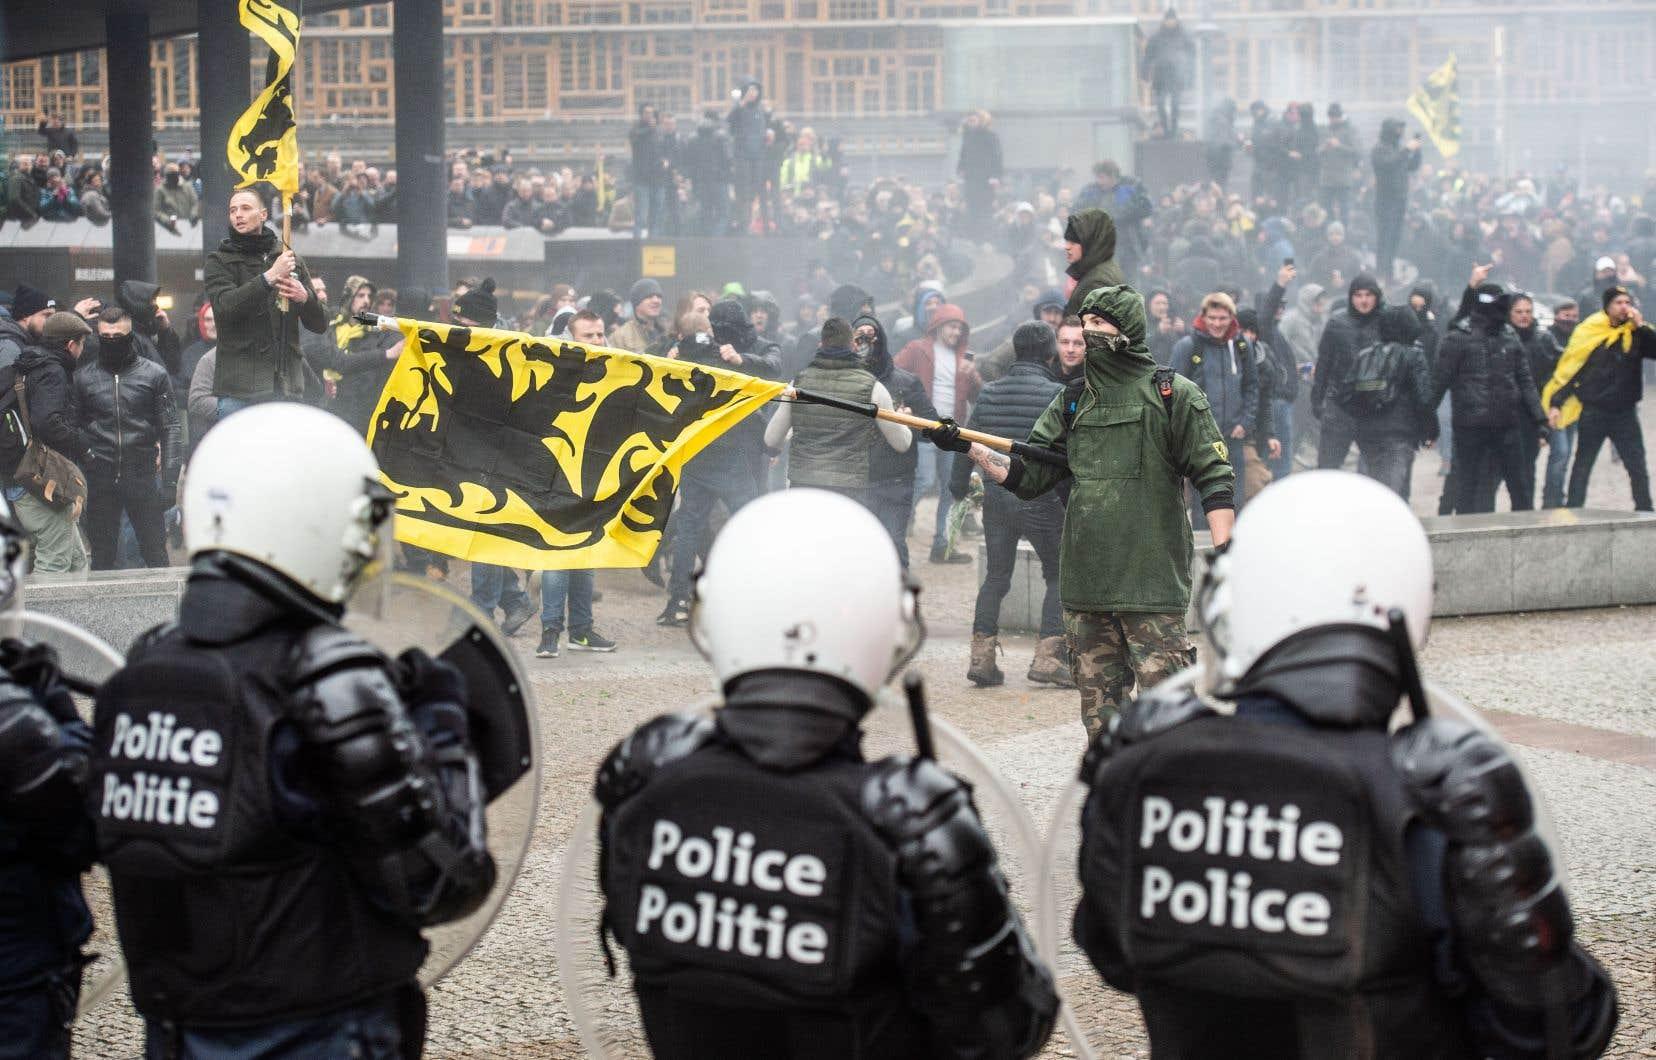 La manifestation était notamment soutenue par les jeunes du Vlaams Belang (extrême droite) et une dizaine d'autres organisations de la mouvance identitaire, principalement flamande.